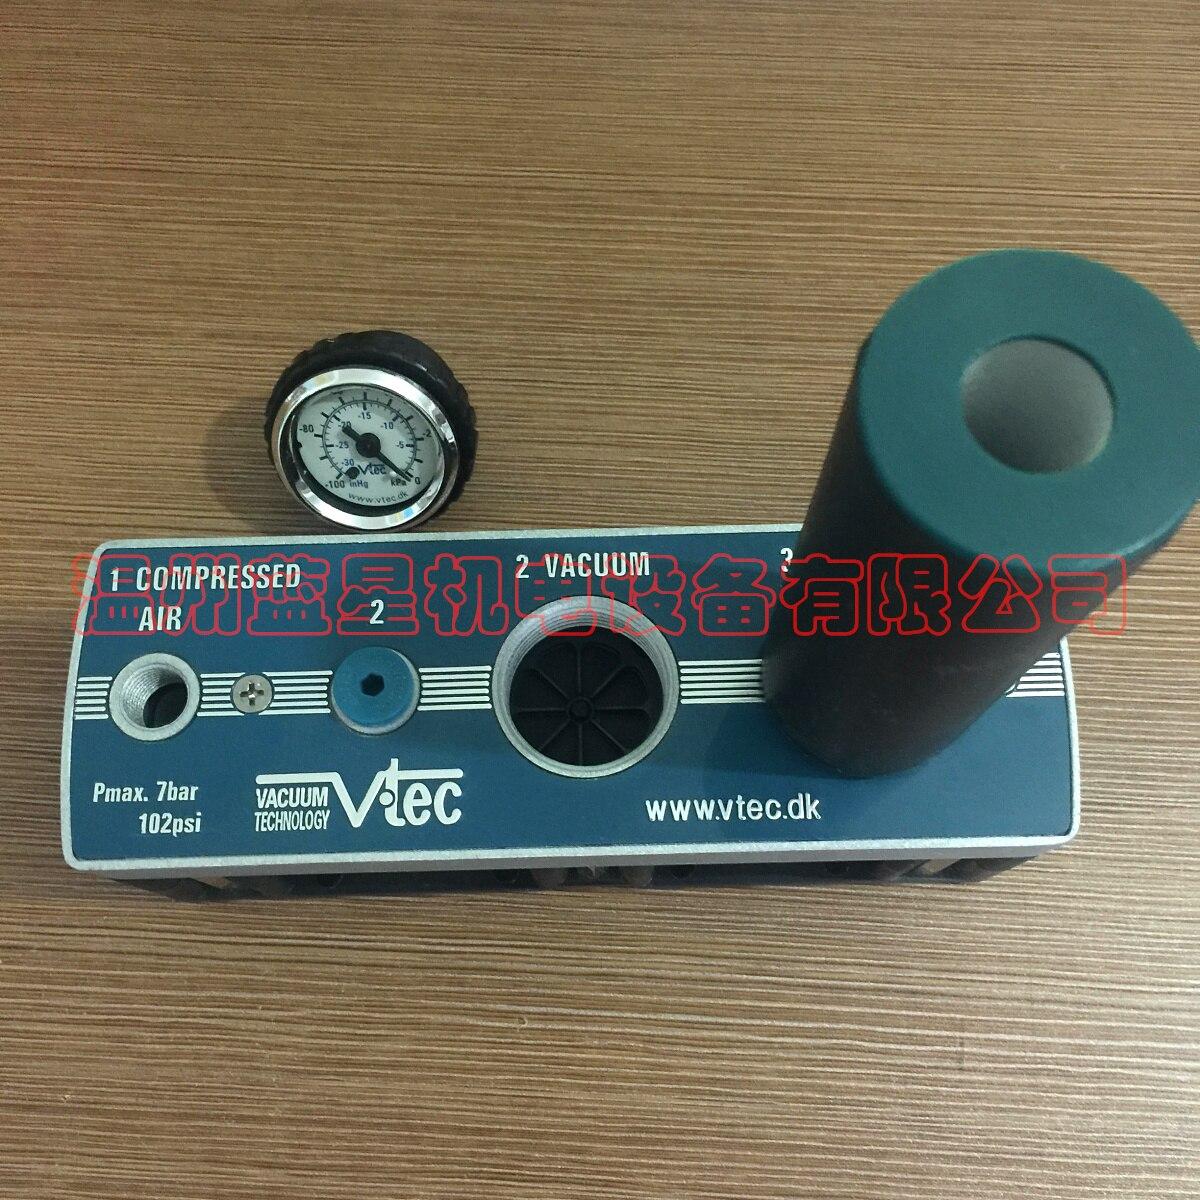 Корея VTEC Vmeca многоступенчатый вакуумный генератор vtm50l-1412a vtm50l-1434-a vtm50l-1401a